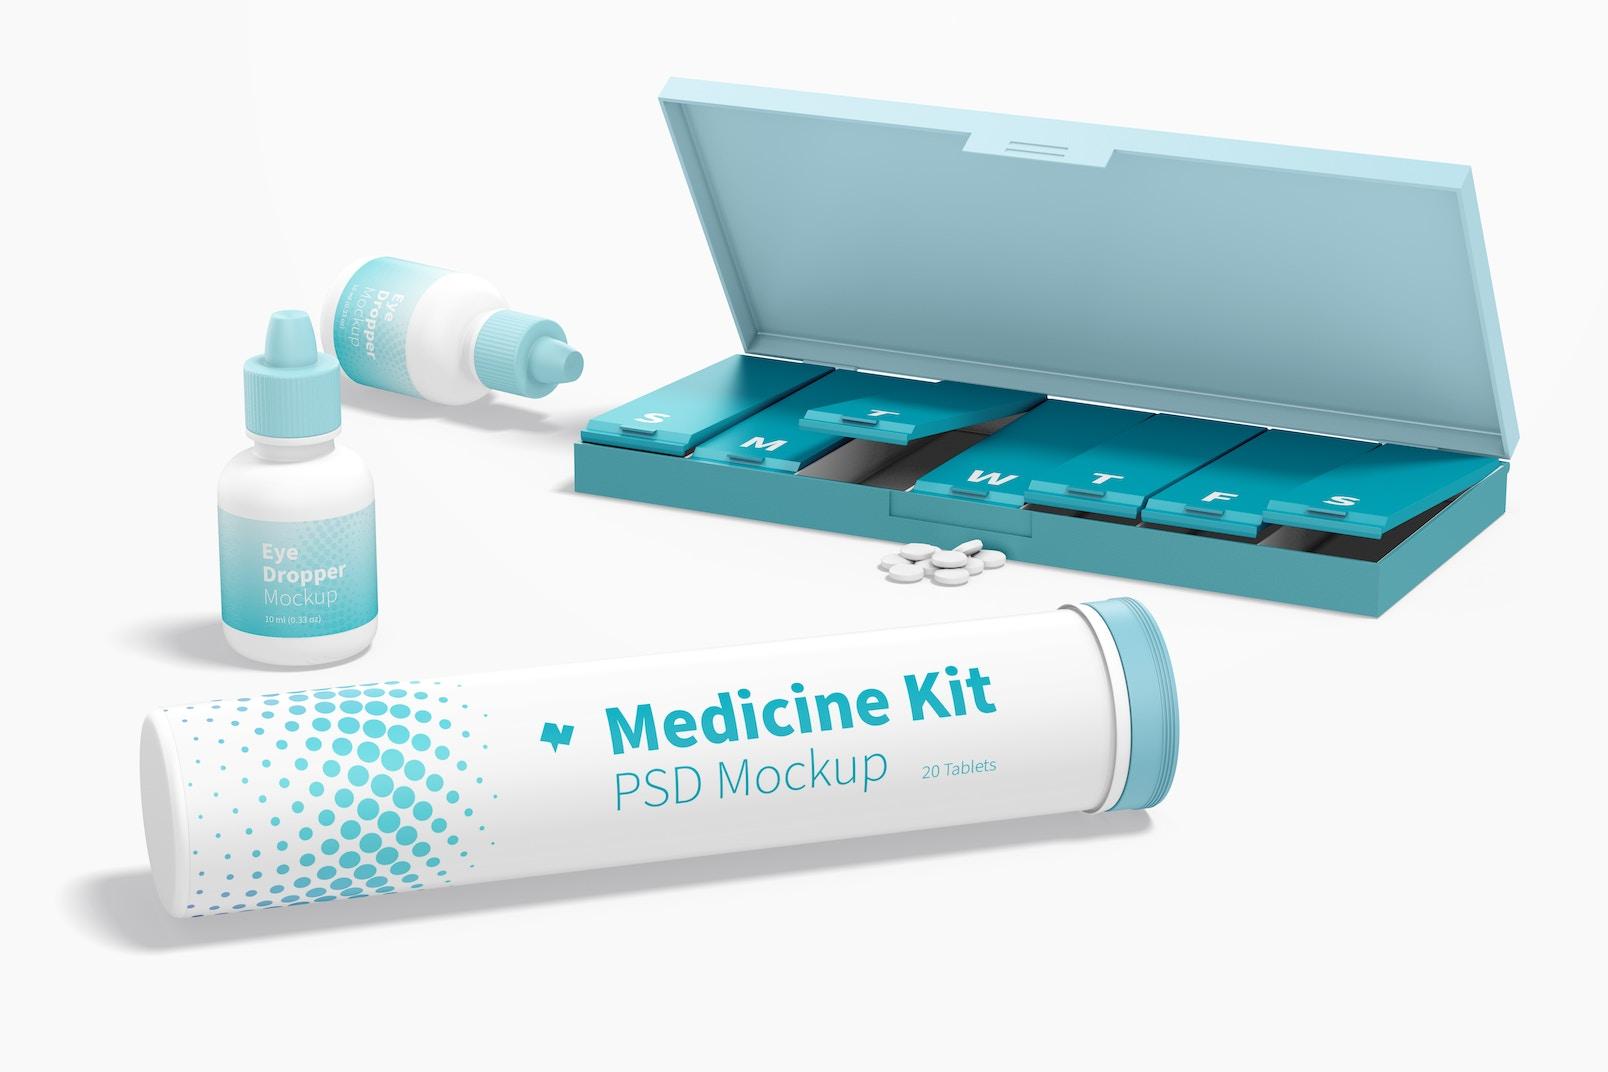 Maqueta de Kit de Medicinas, Perspectiva